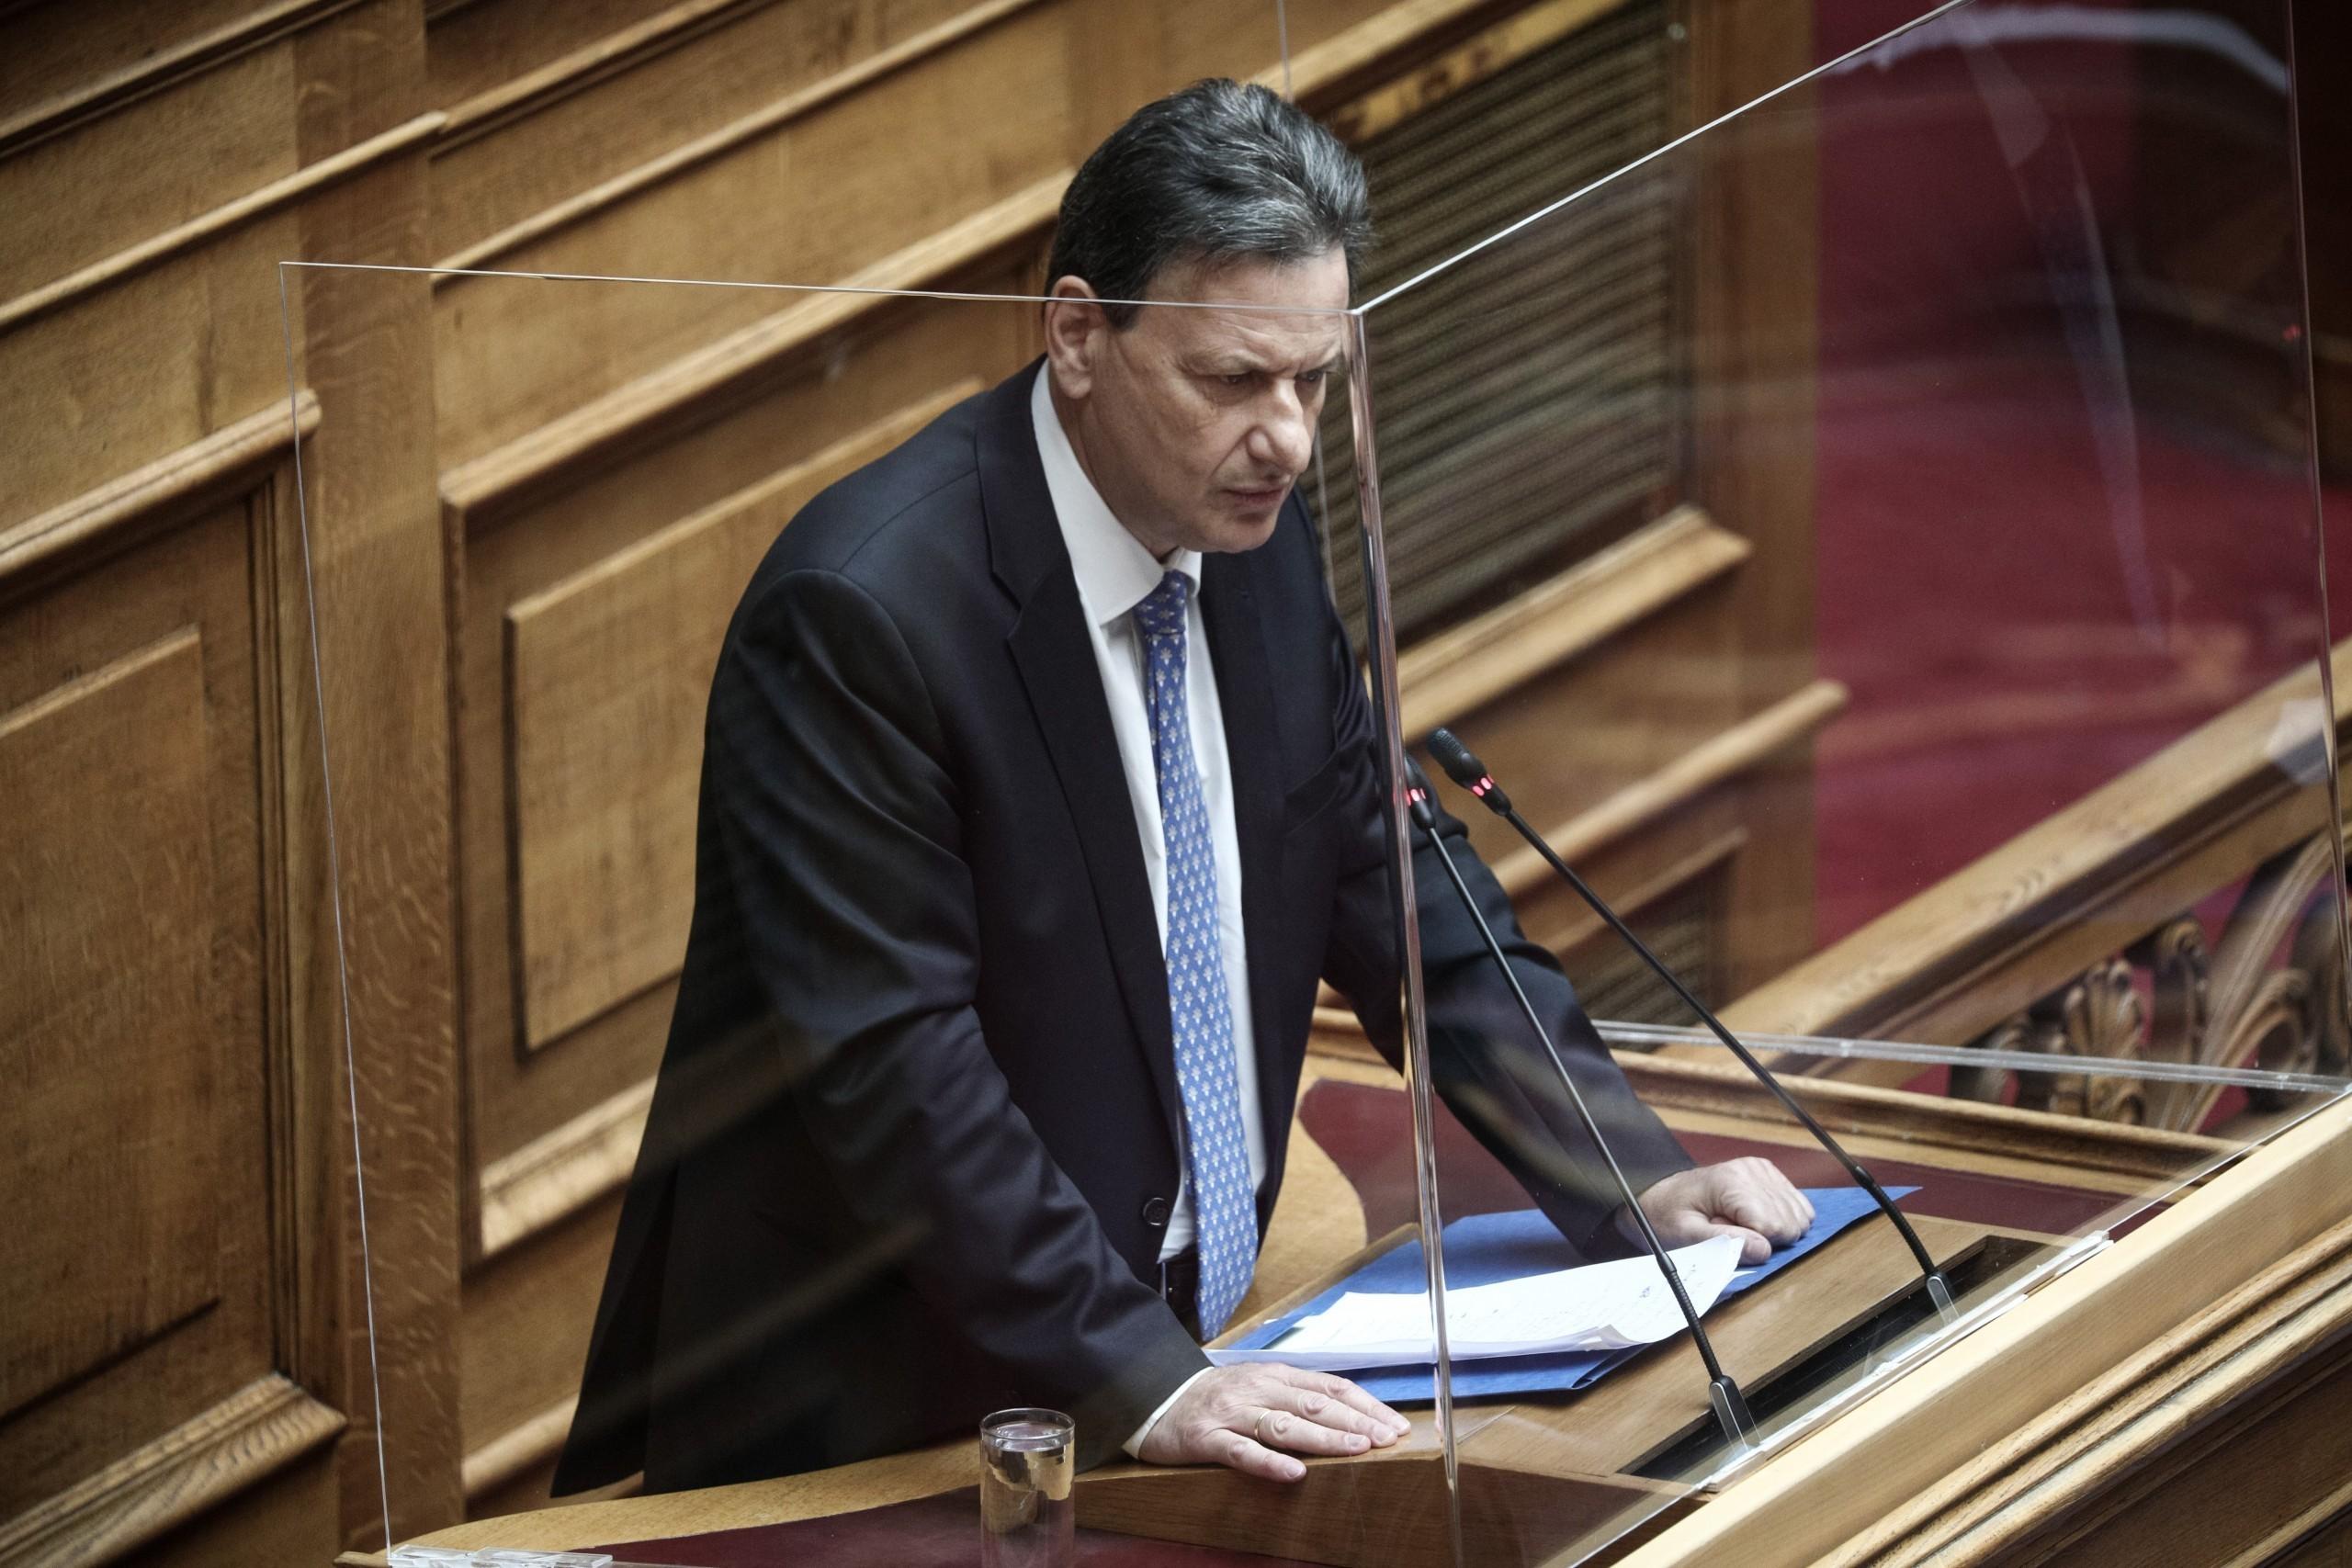 Προϋπολογισμός: Πρωτογενές έλλειμμα 9,1 δισ. στο α΄εξάμηνο